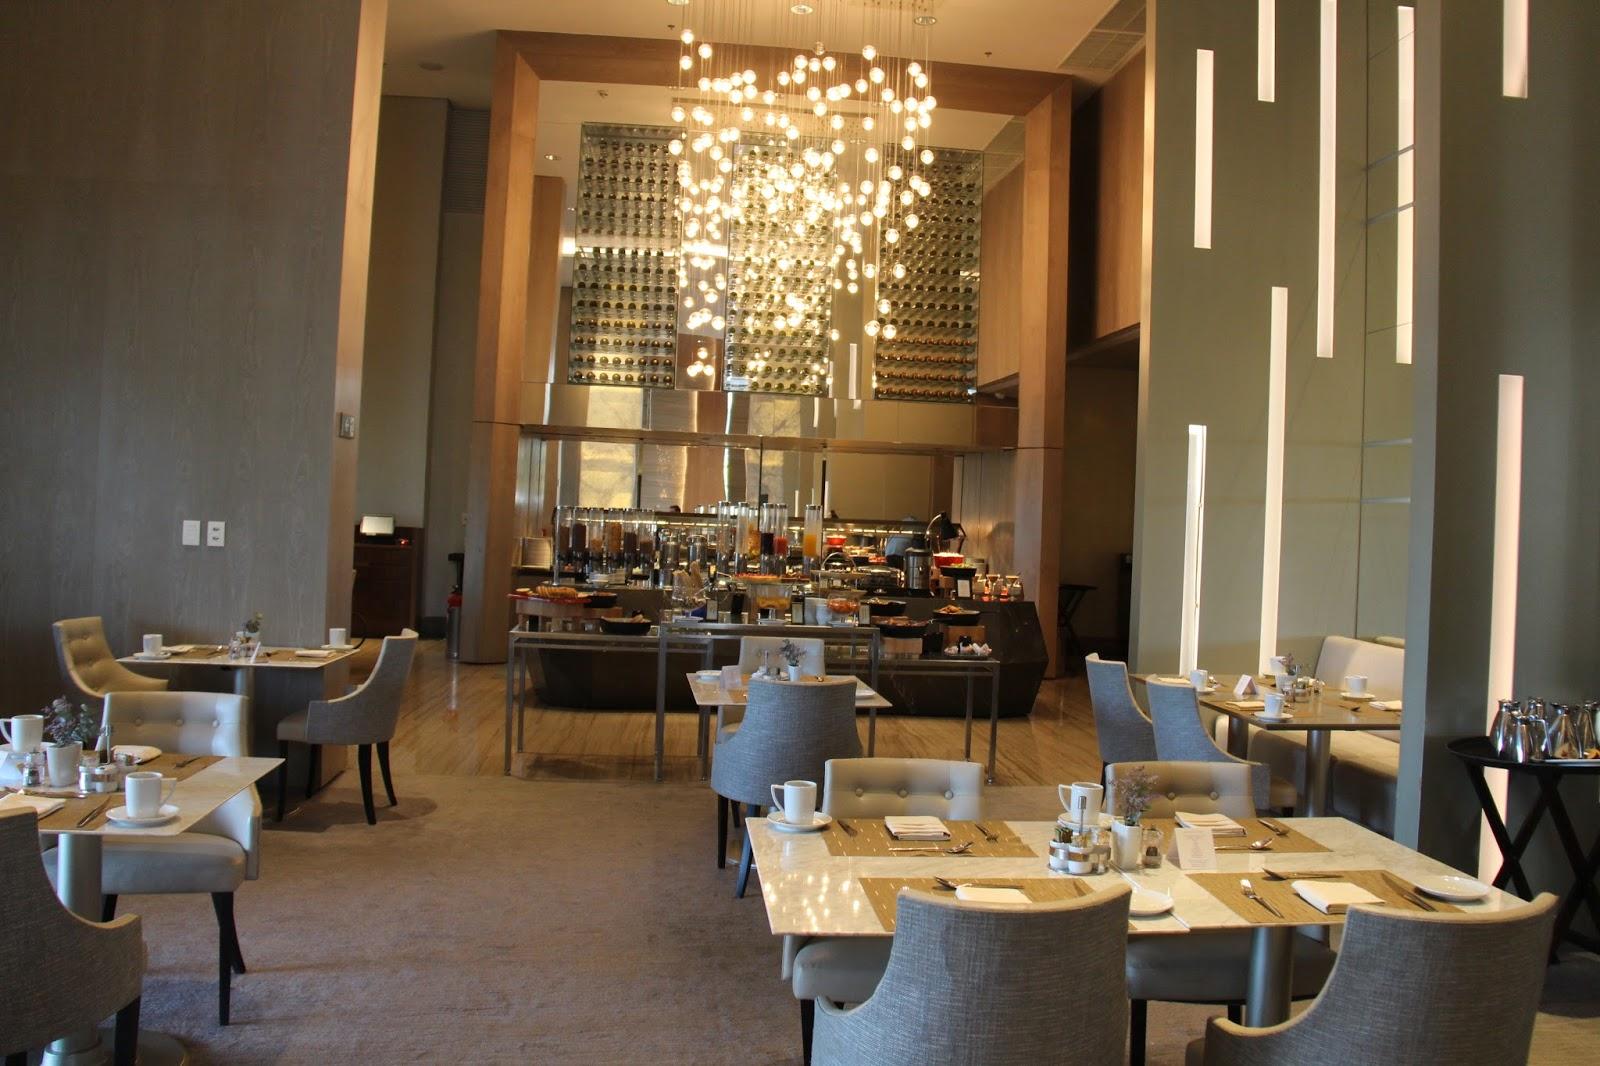 Restaurante Lua Nova IMG_4743